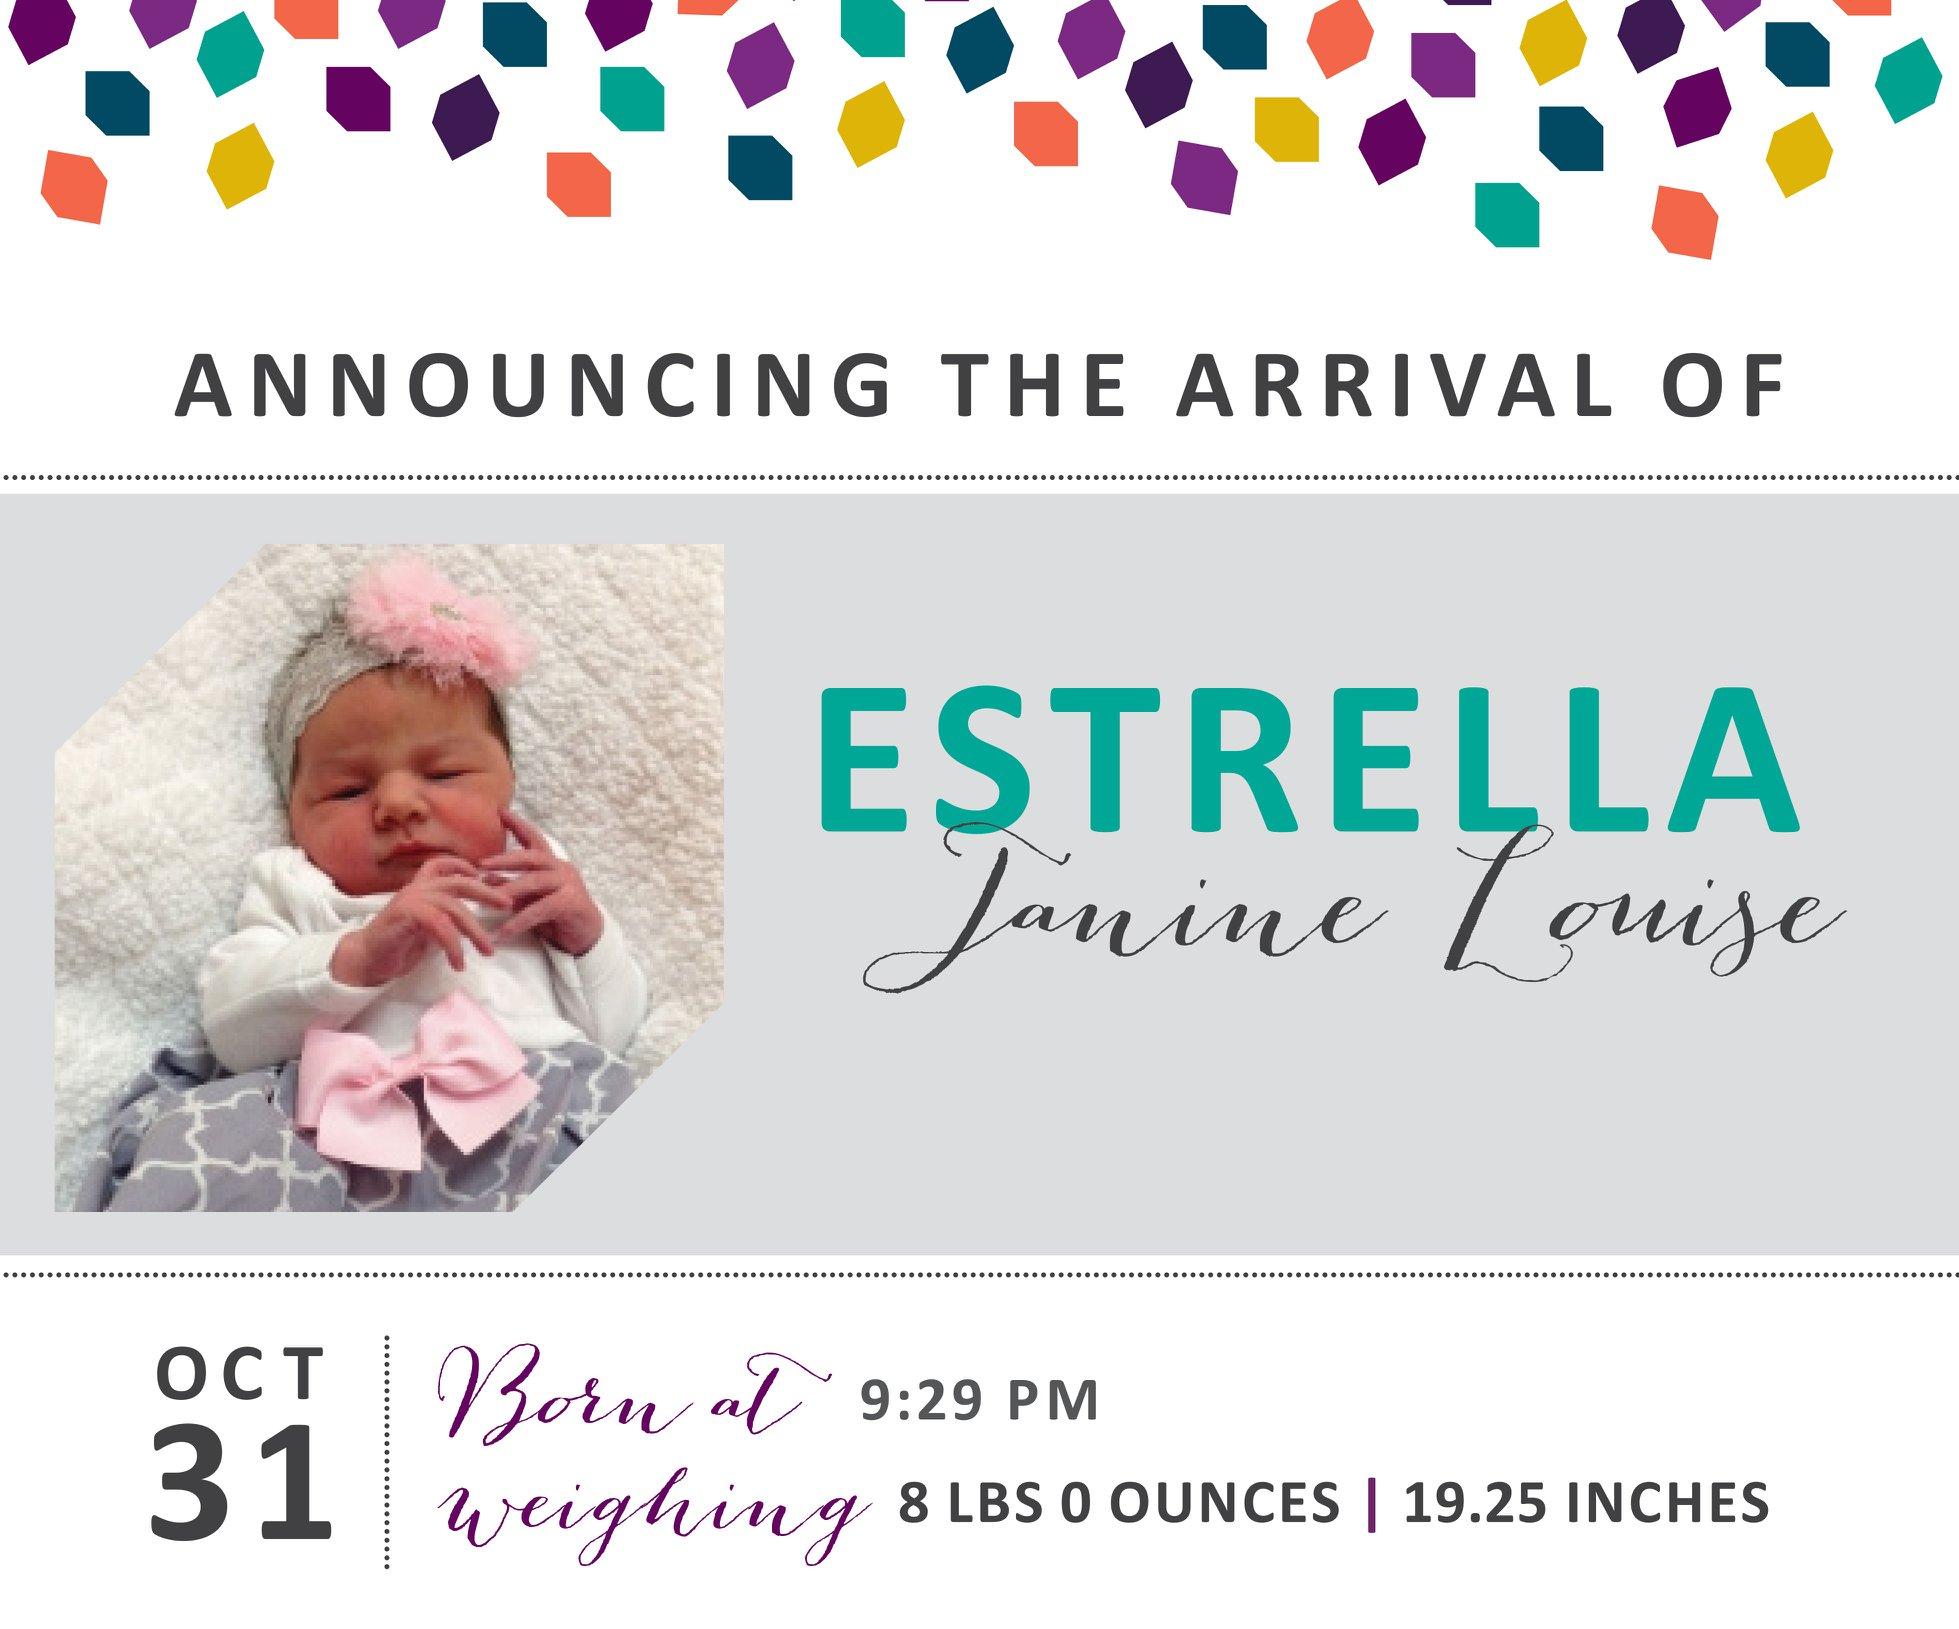 Estrella Janine Louise 1